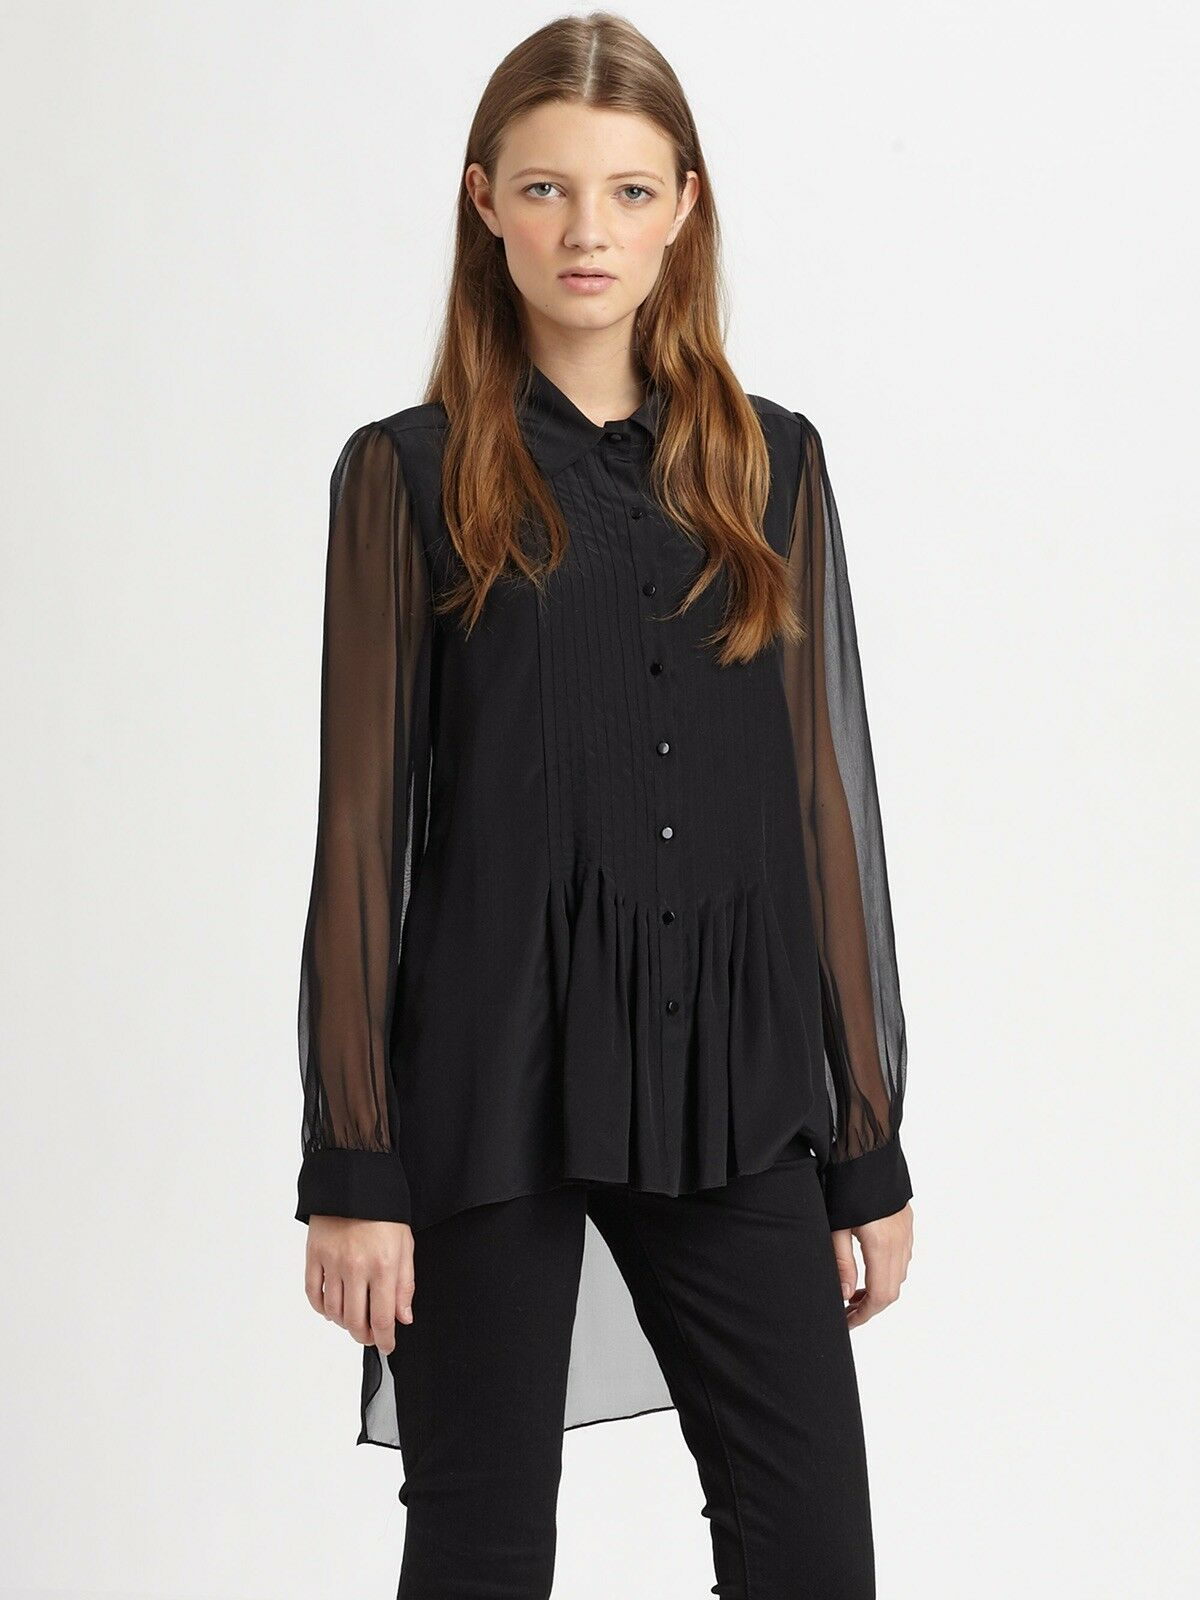 schwarz Elizabeth and James silk blouse with pointed collar Größe S